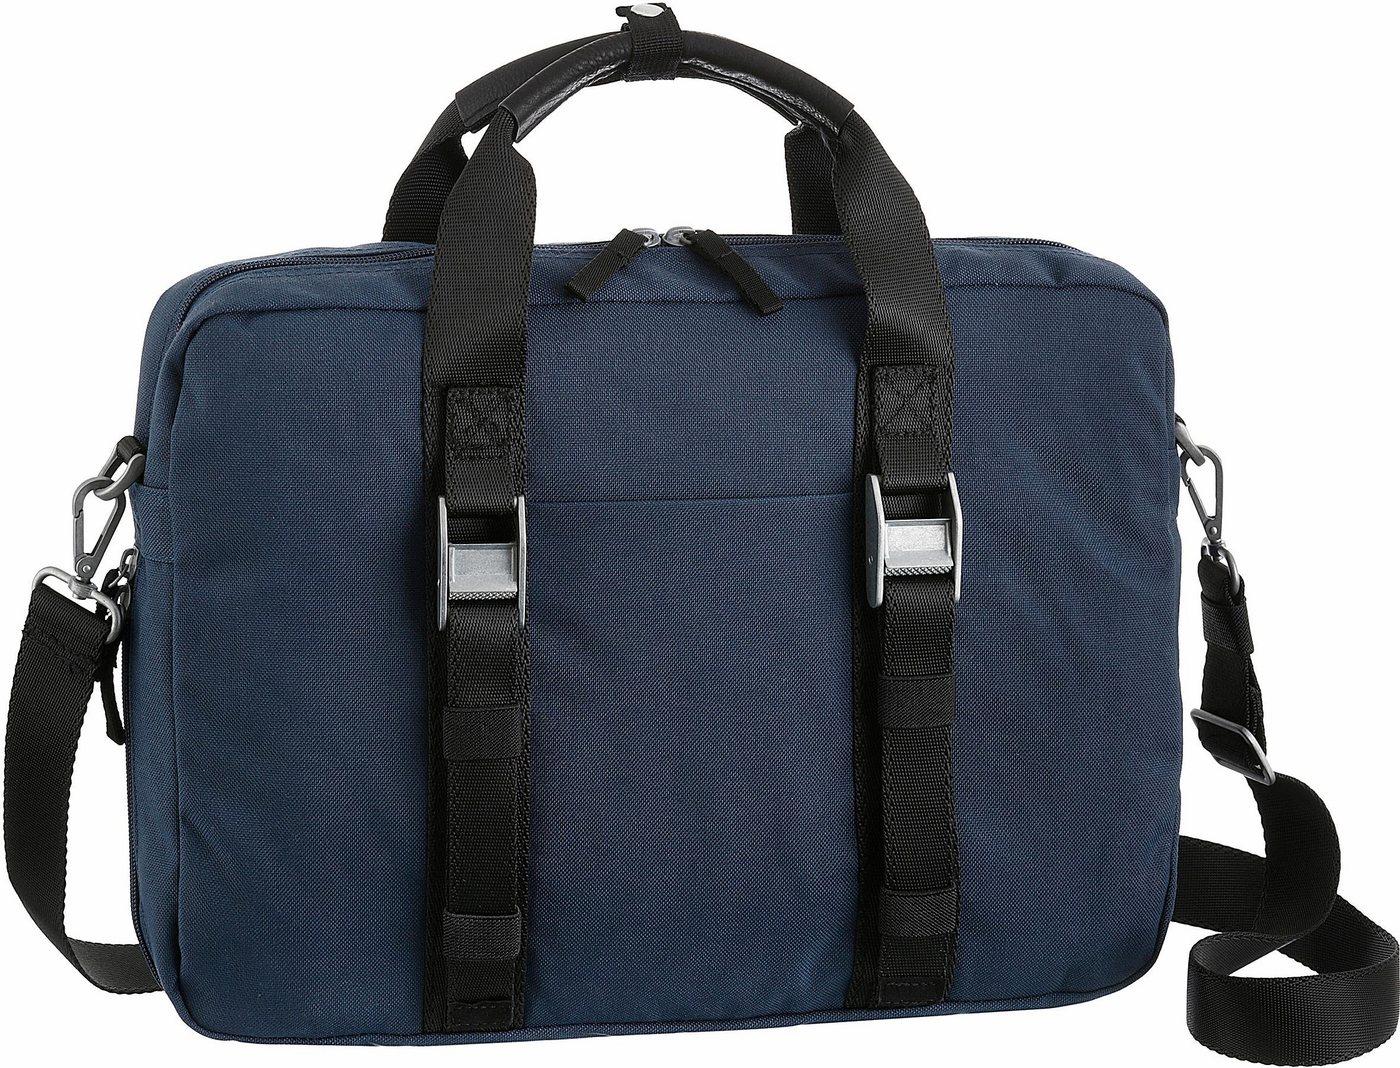 CARGO Businesstasche mit 13-Zoll Laptopfach, »Cargo 101, blau« | Taschen > Business Taschen | Blau | Cargo